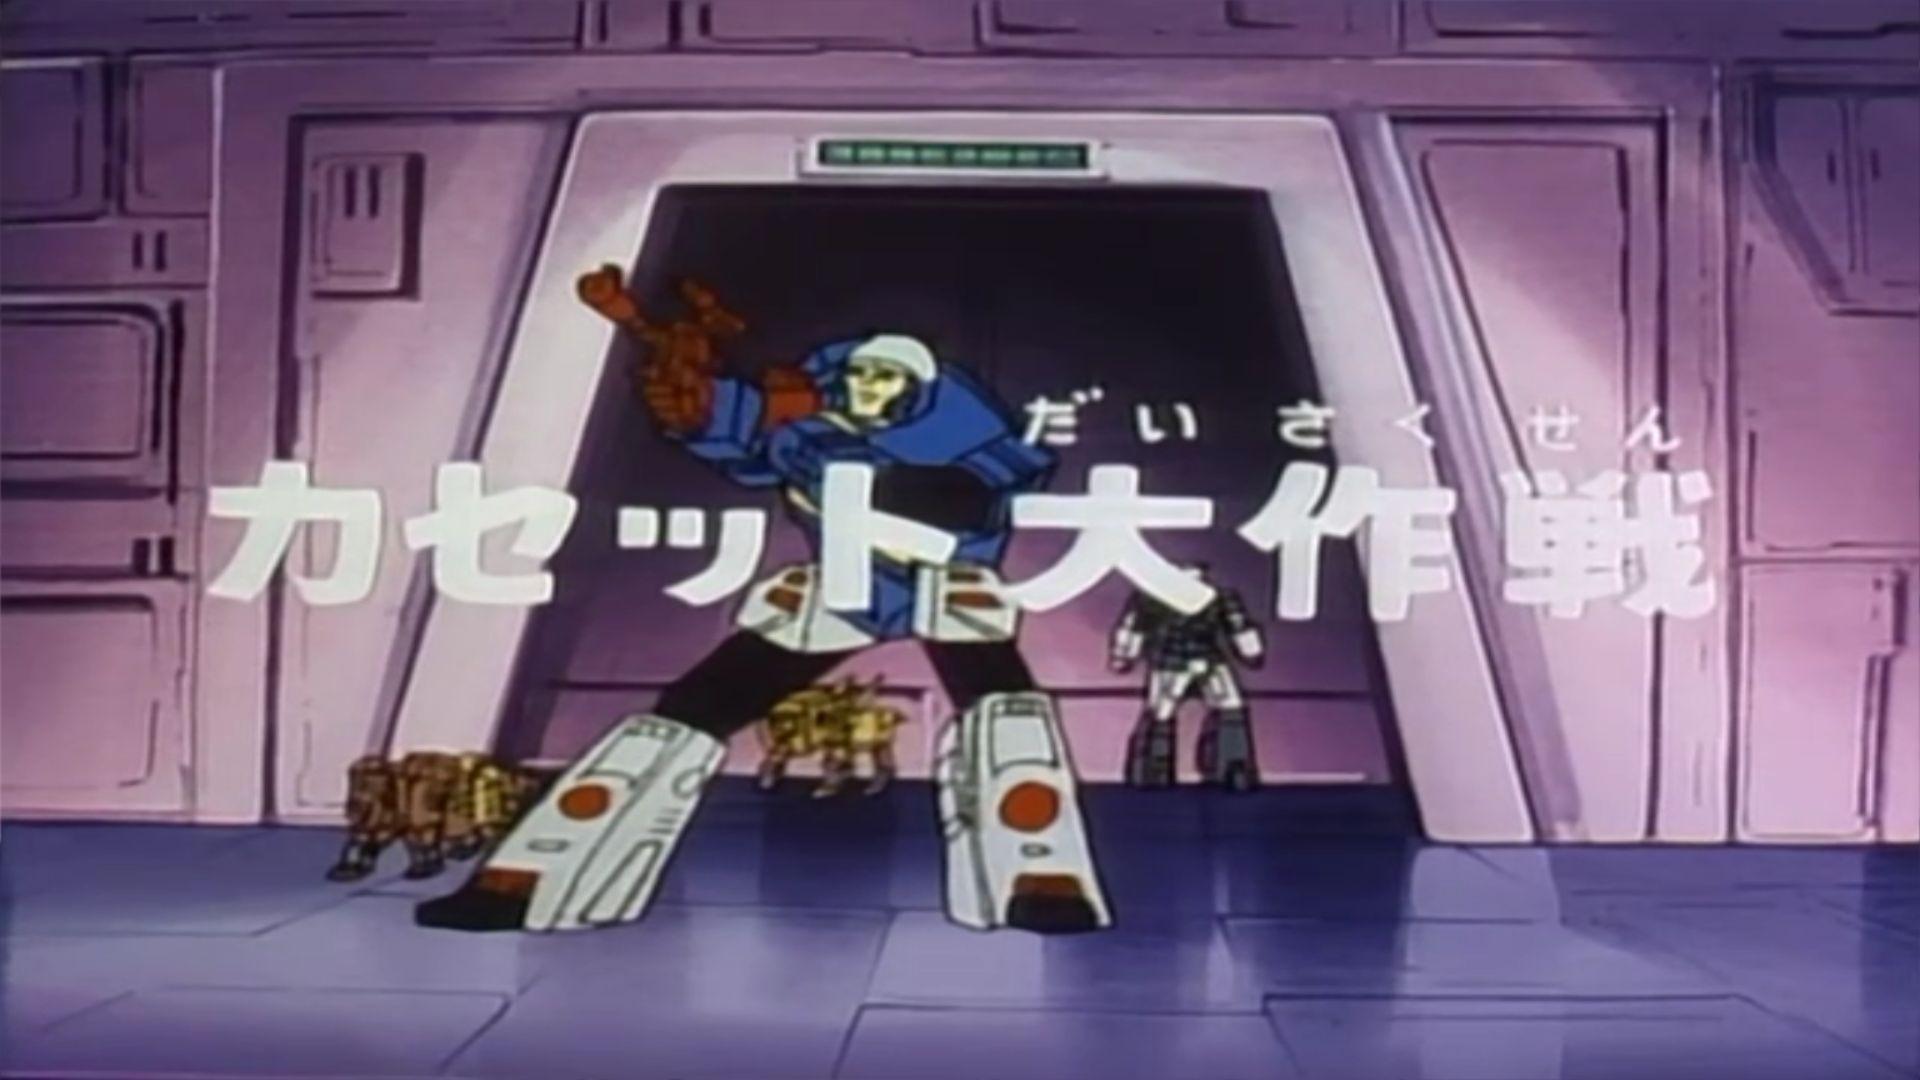 File:The Headmasters - 04 - Japanese.jpg